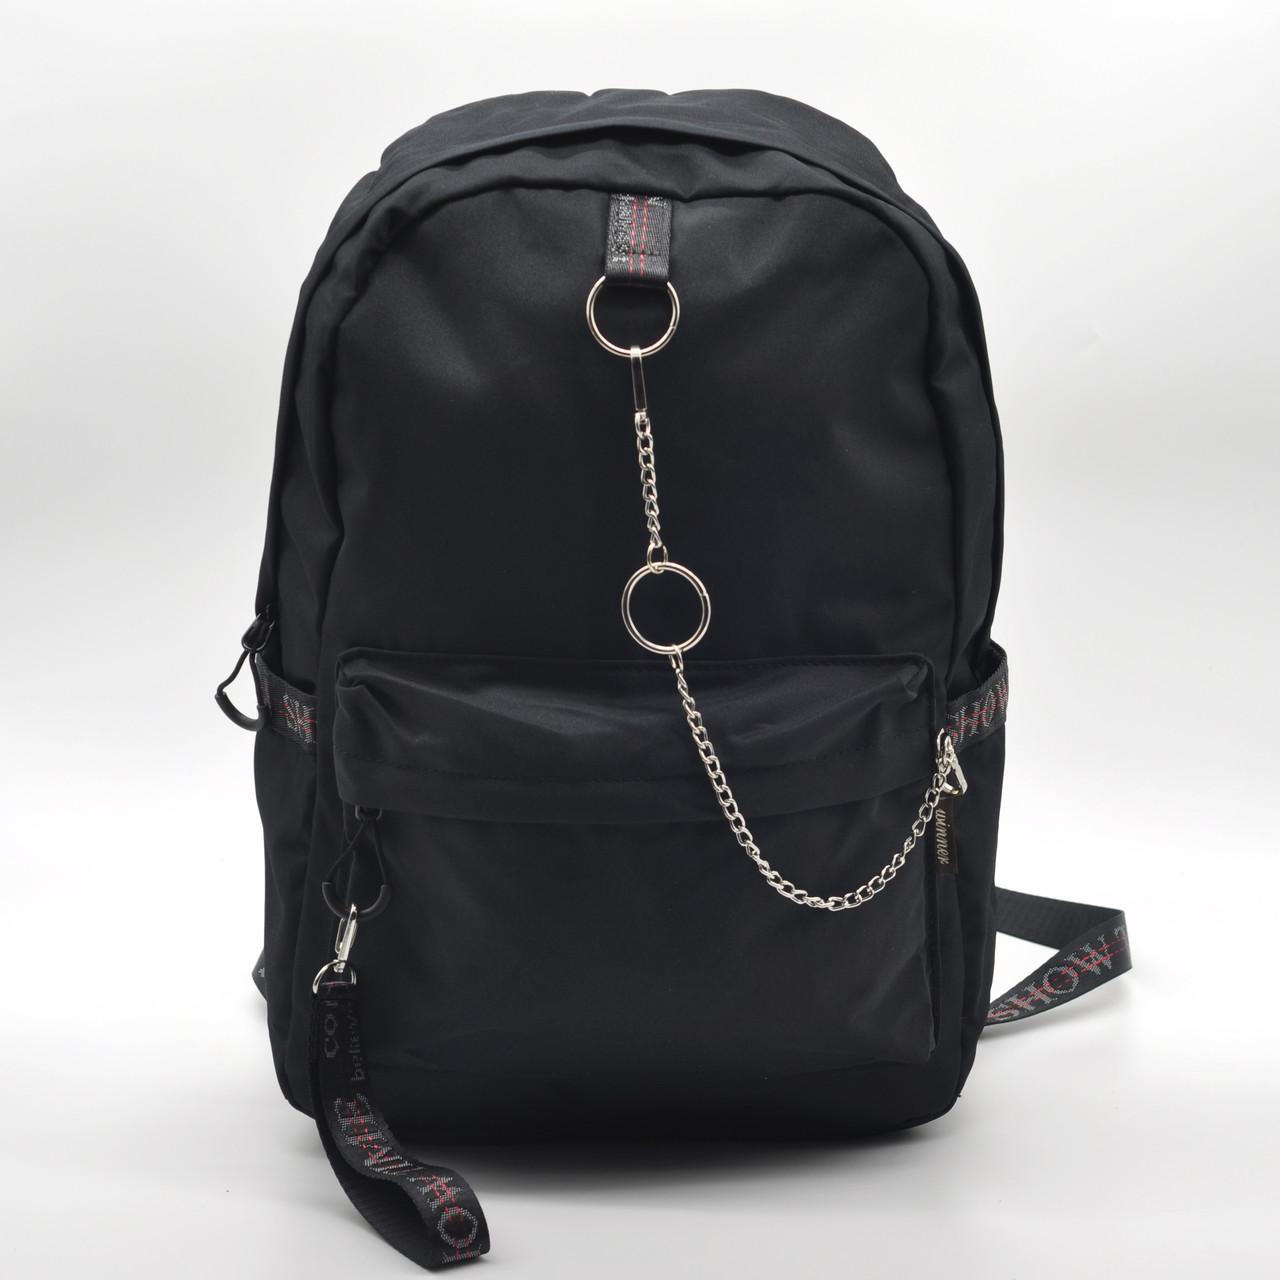 Рюкзак міський Winner чорний з ланцюжком